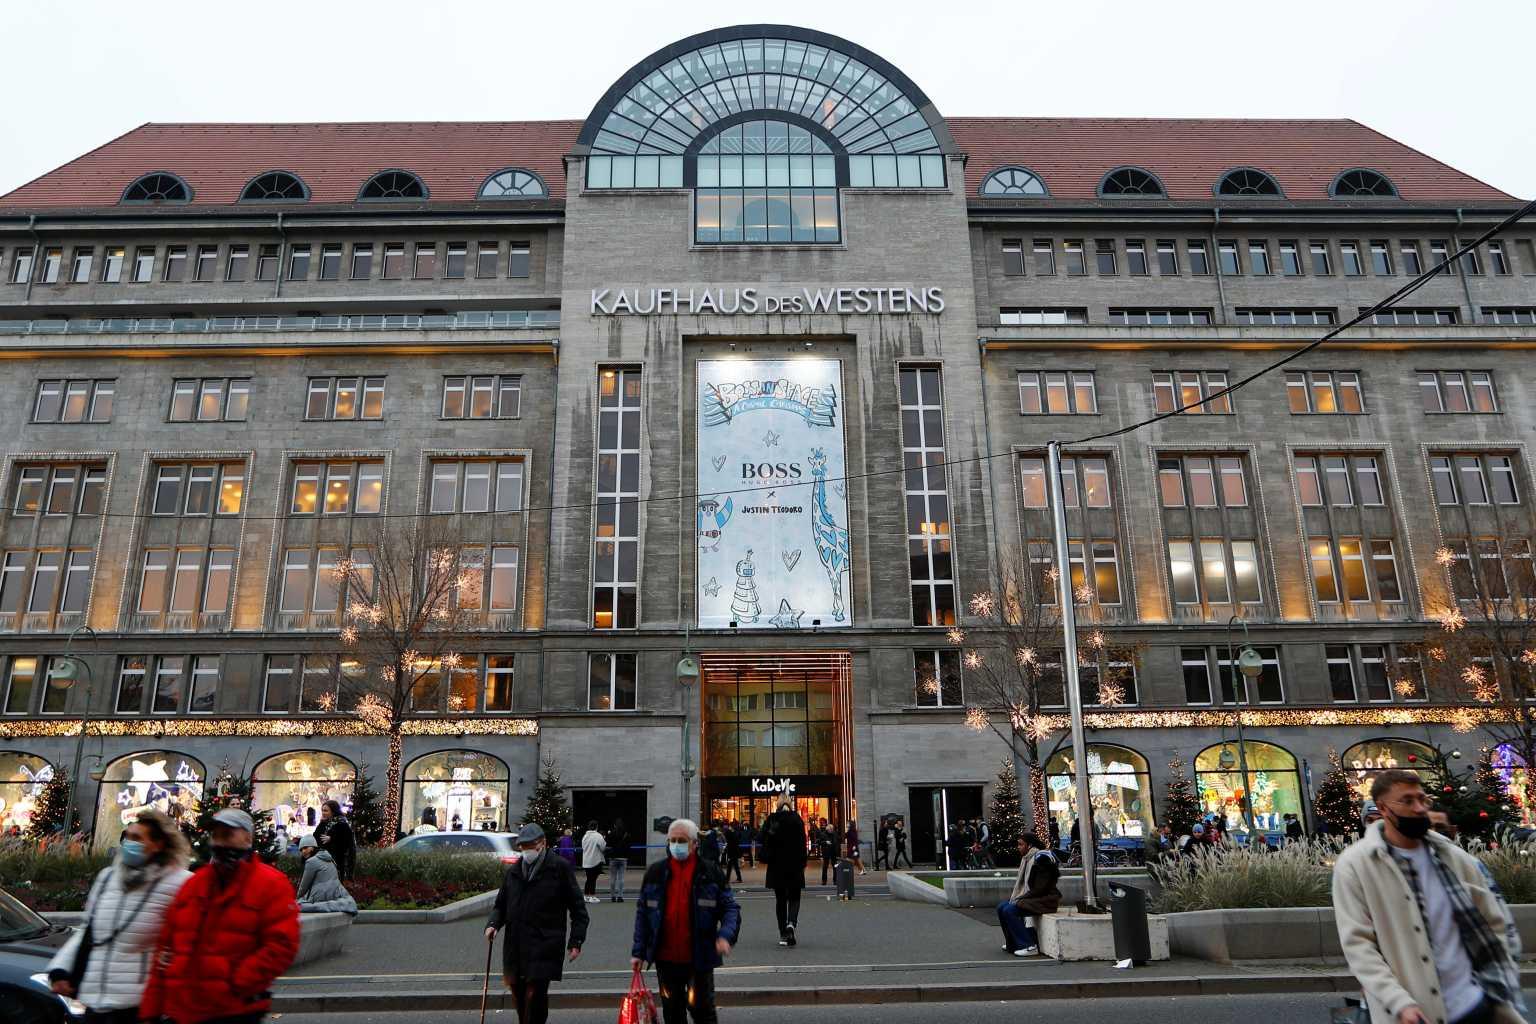 Γερμανία: Δραματική έκκληση από το Ρομπερτ Κοχ – «Να δράσουμε τώρα για να σώσουμε ζωές»